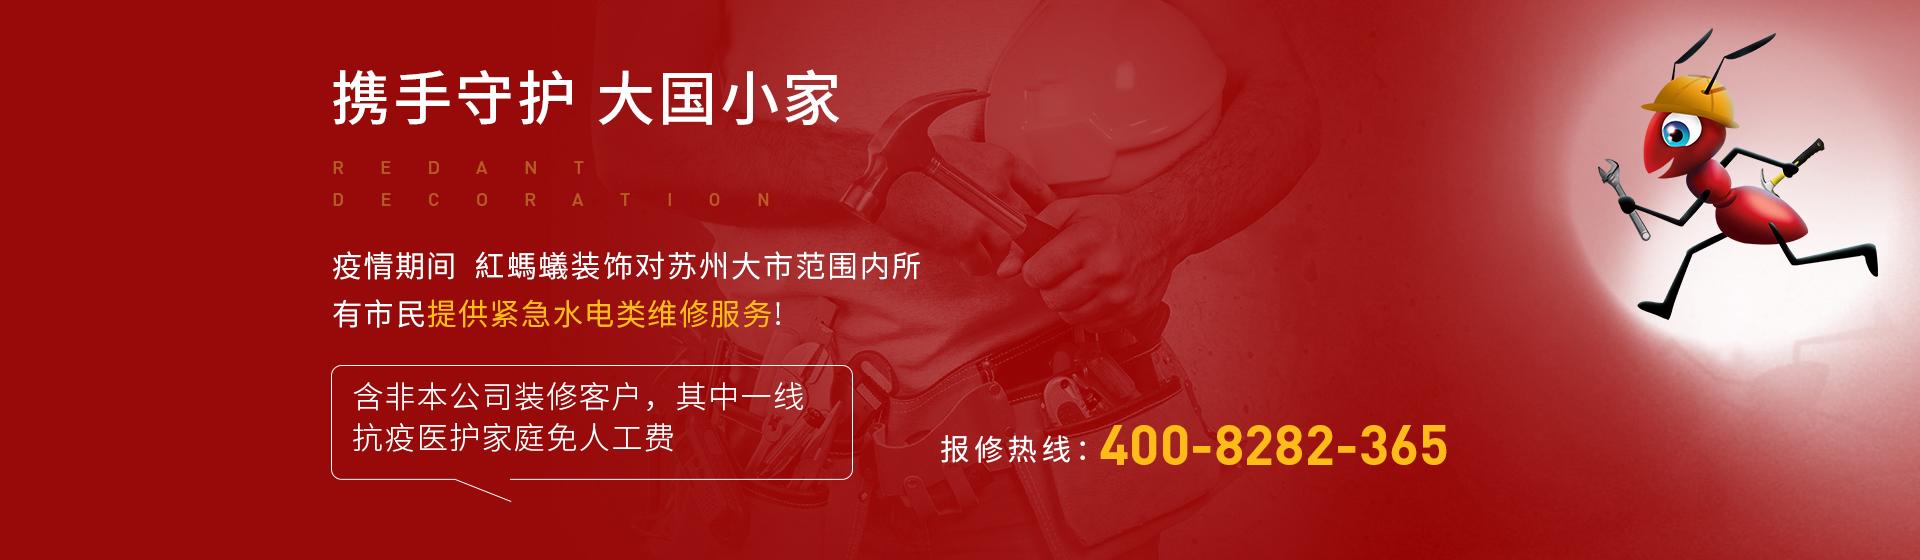 水电维修---江苏红蚂蚁装饰公司